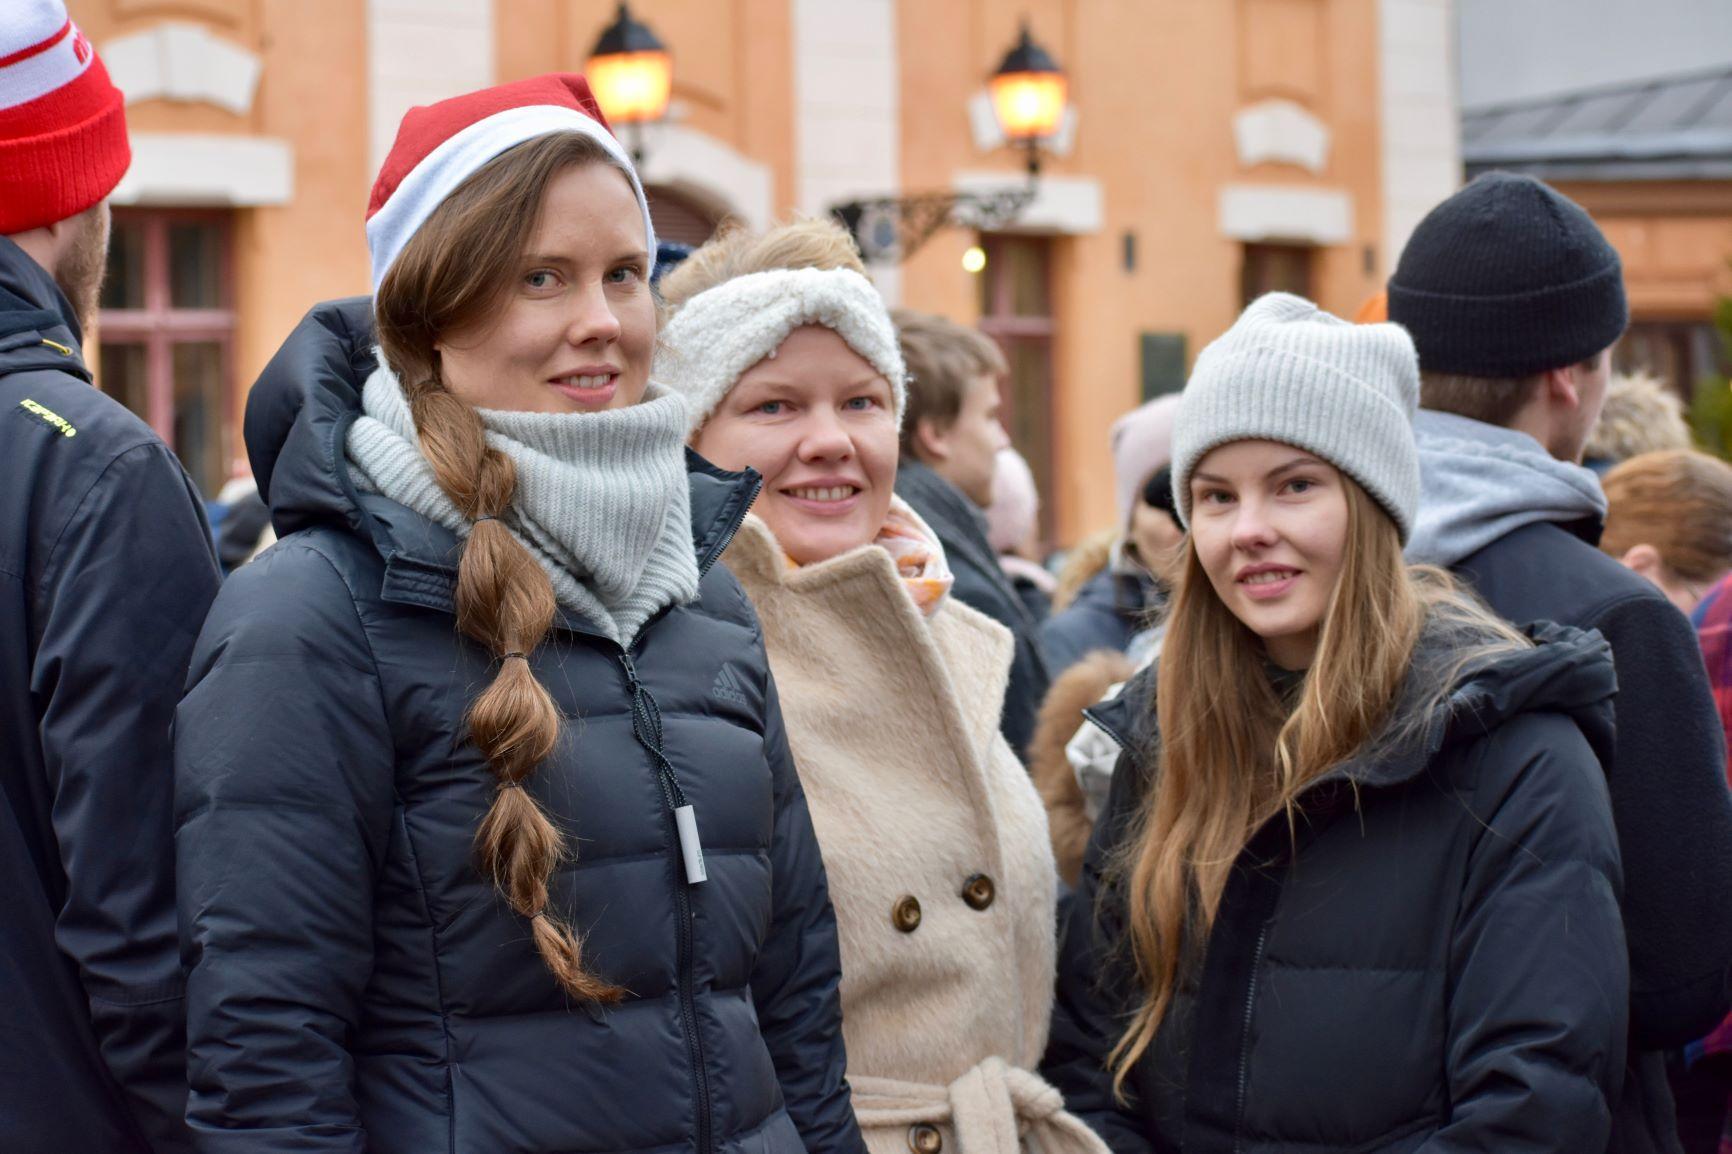 Sara Hyvärinen (till vänster), Sini Eusebio och Silvia Hyvärinen skulle fira jul tillsammans i S:t Karins. Åtminstone julmat och bastubad stod på programmet.